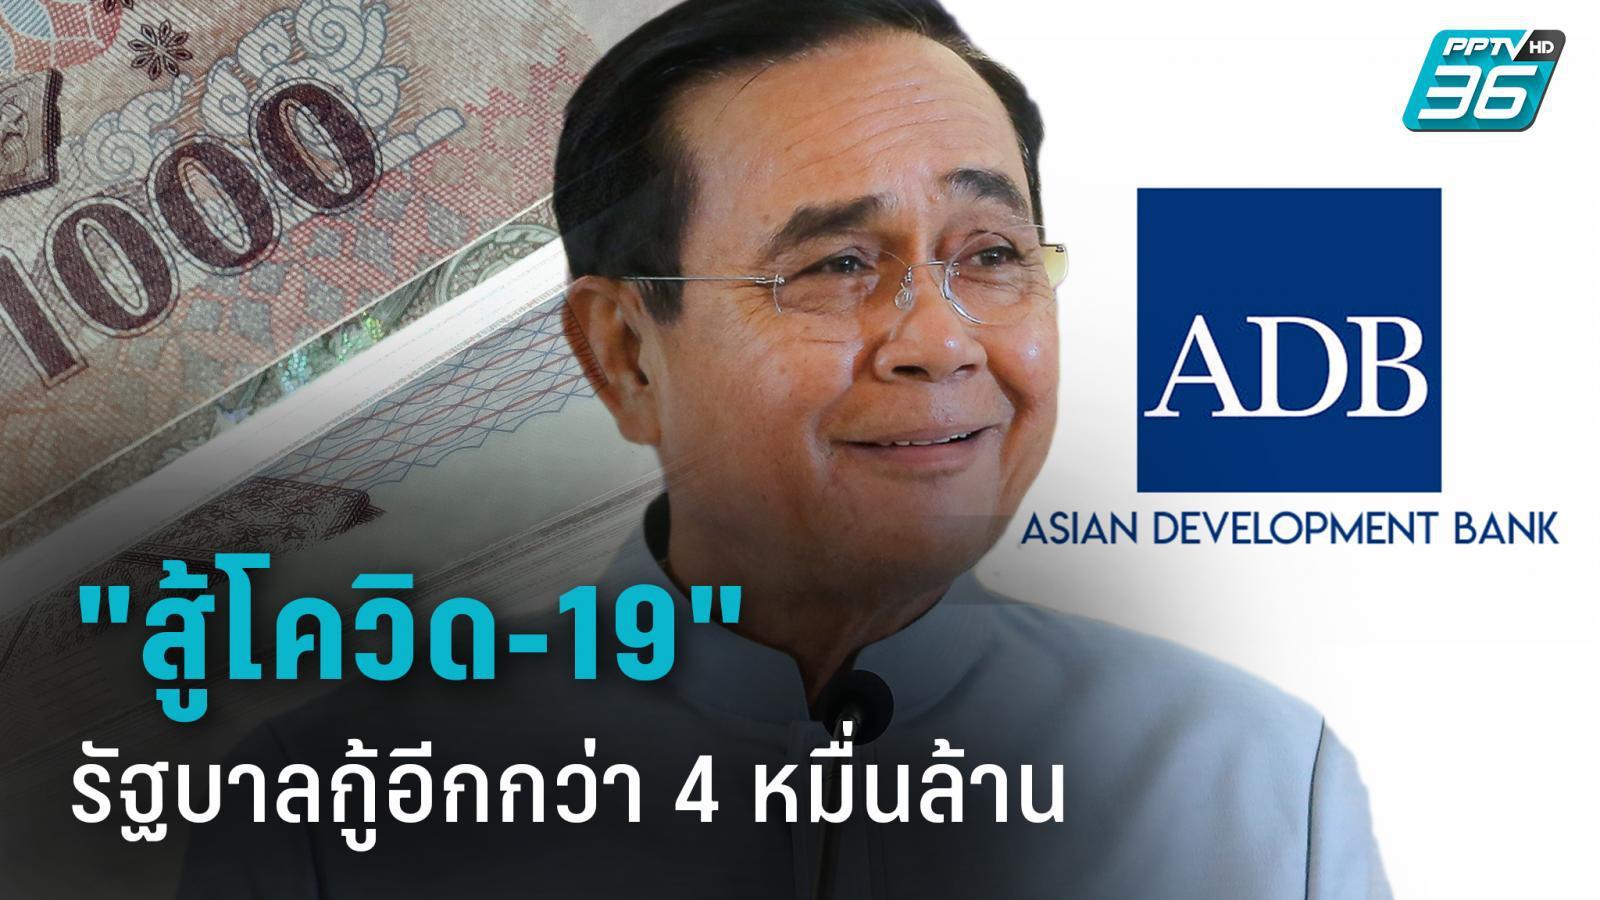 รัฐบาลกู้อีก 4.65 หมื่นล้านบาท จาก ธนาคารพัฒนาเอเชีย สู้โควิด-19